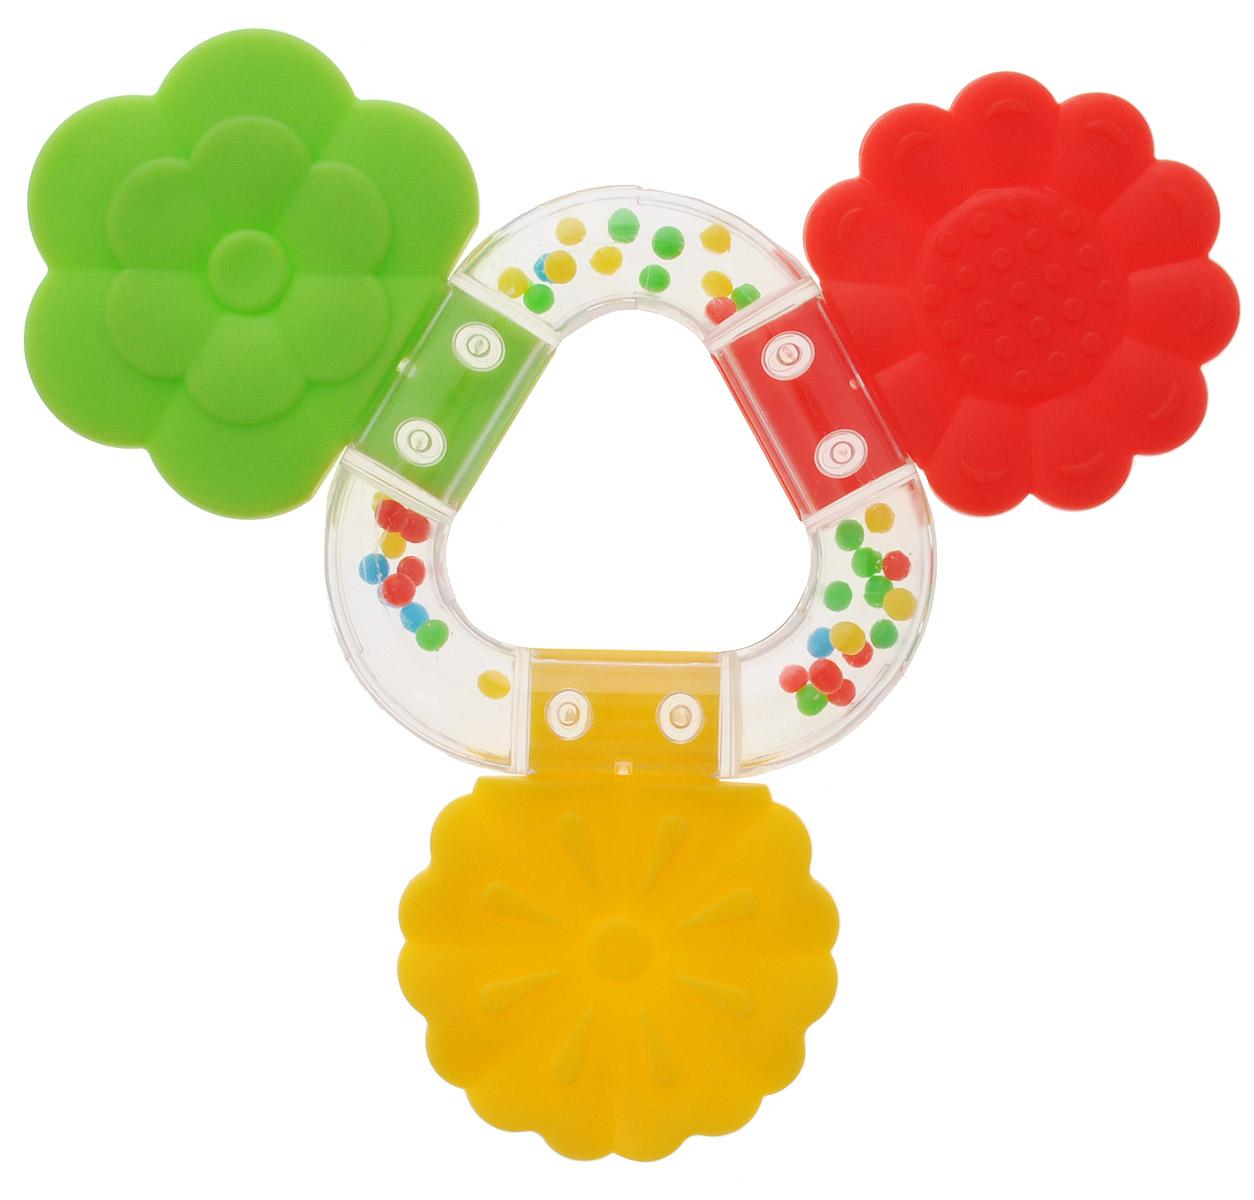 Stellar Погремушка-прорезыватель Букетик цвет желтый красный зеленый